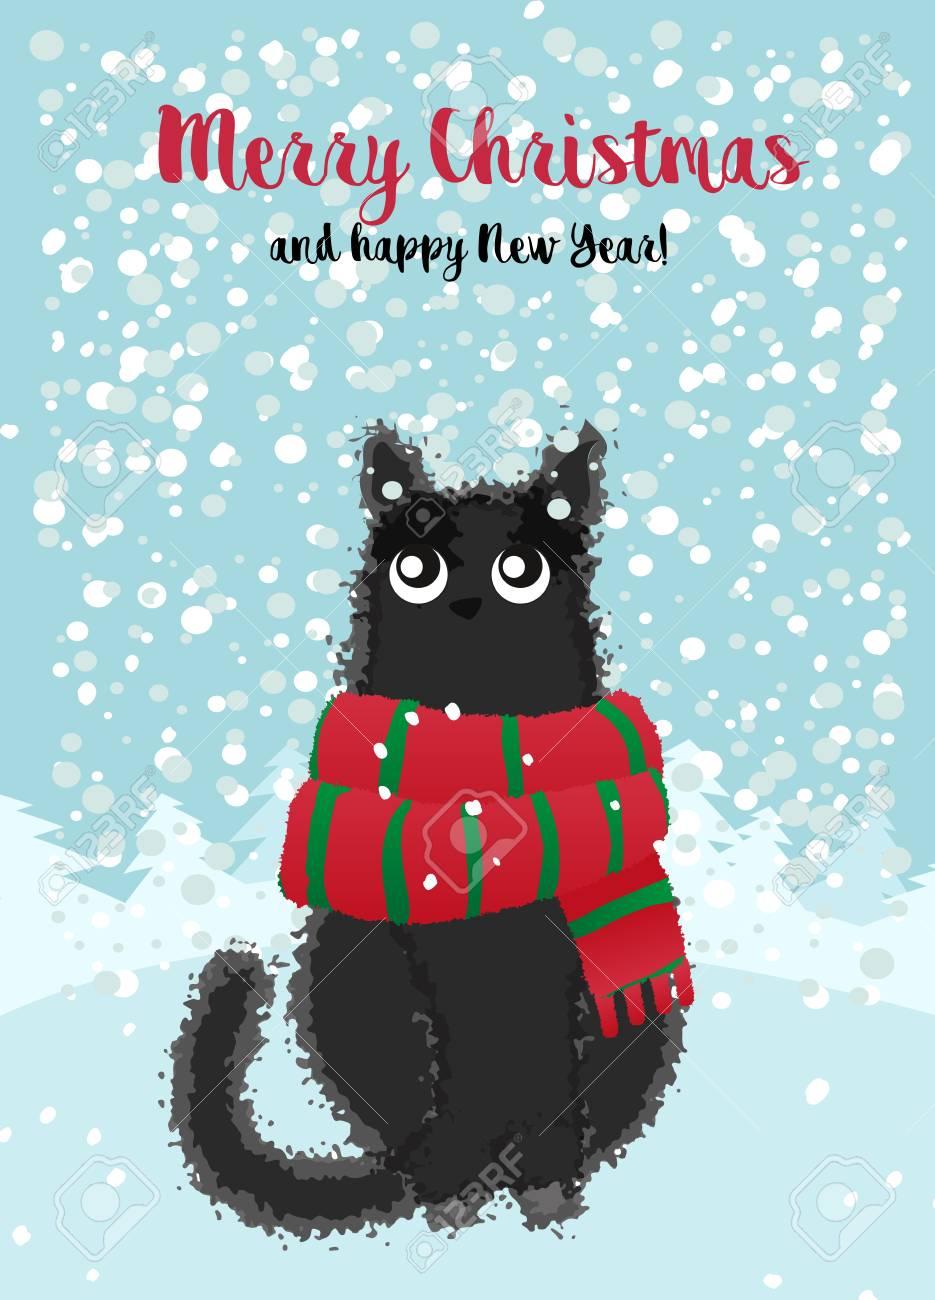 Joyeux Noel Et Bonne Année. Carte De Noël Avec Un Chat Noir Dans